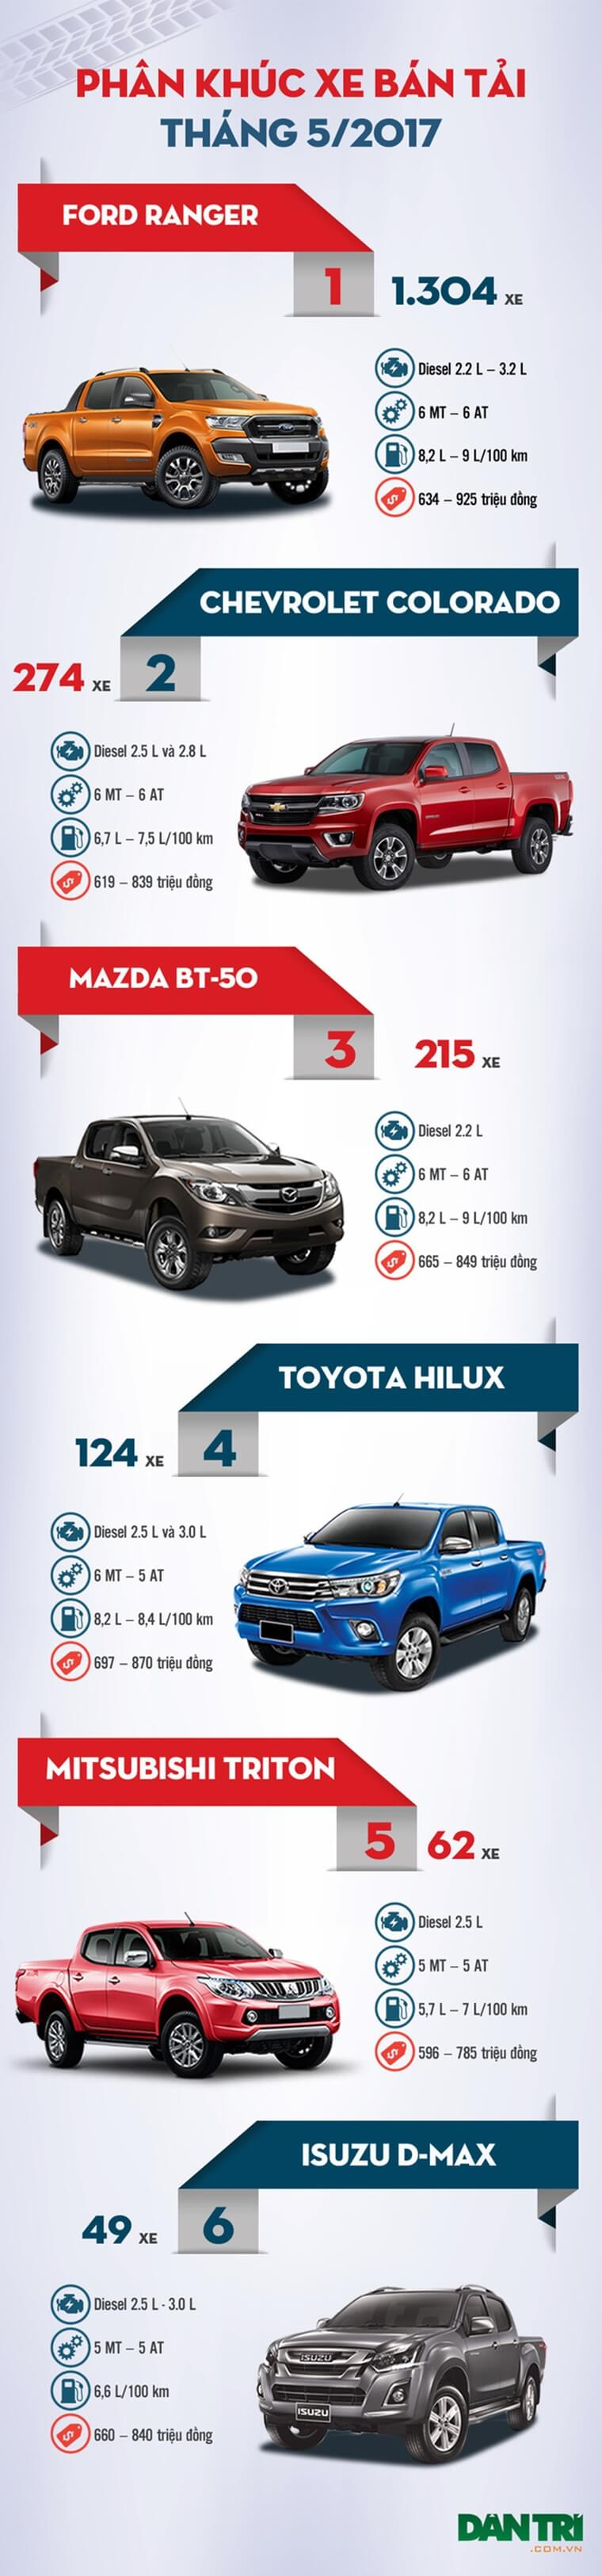 Top 6 xe bán tải bán chạy nhất tháng 5/2017